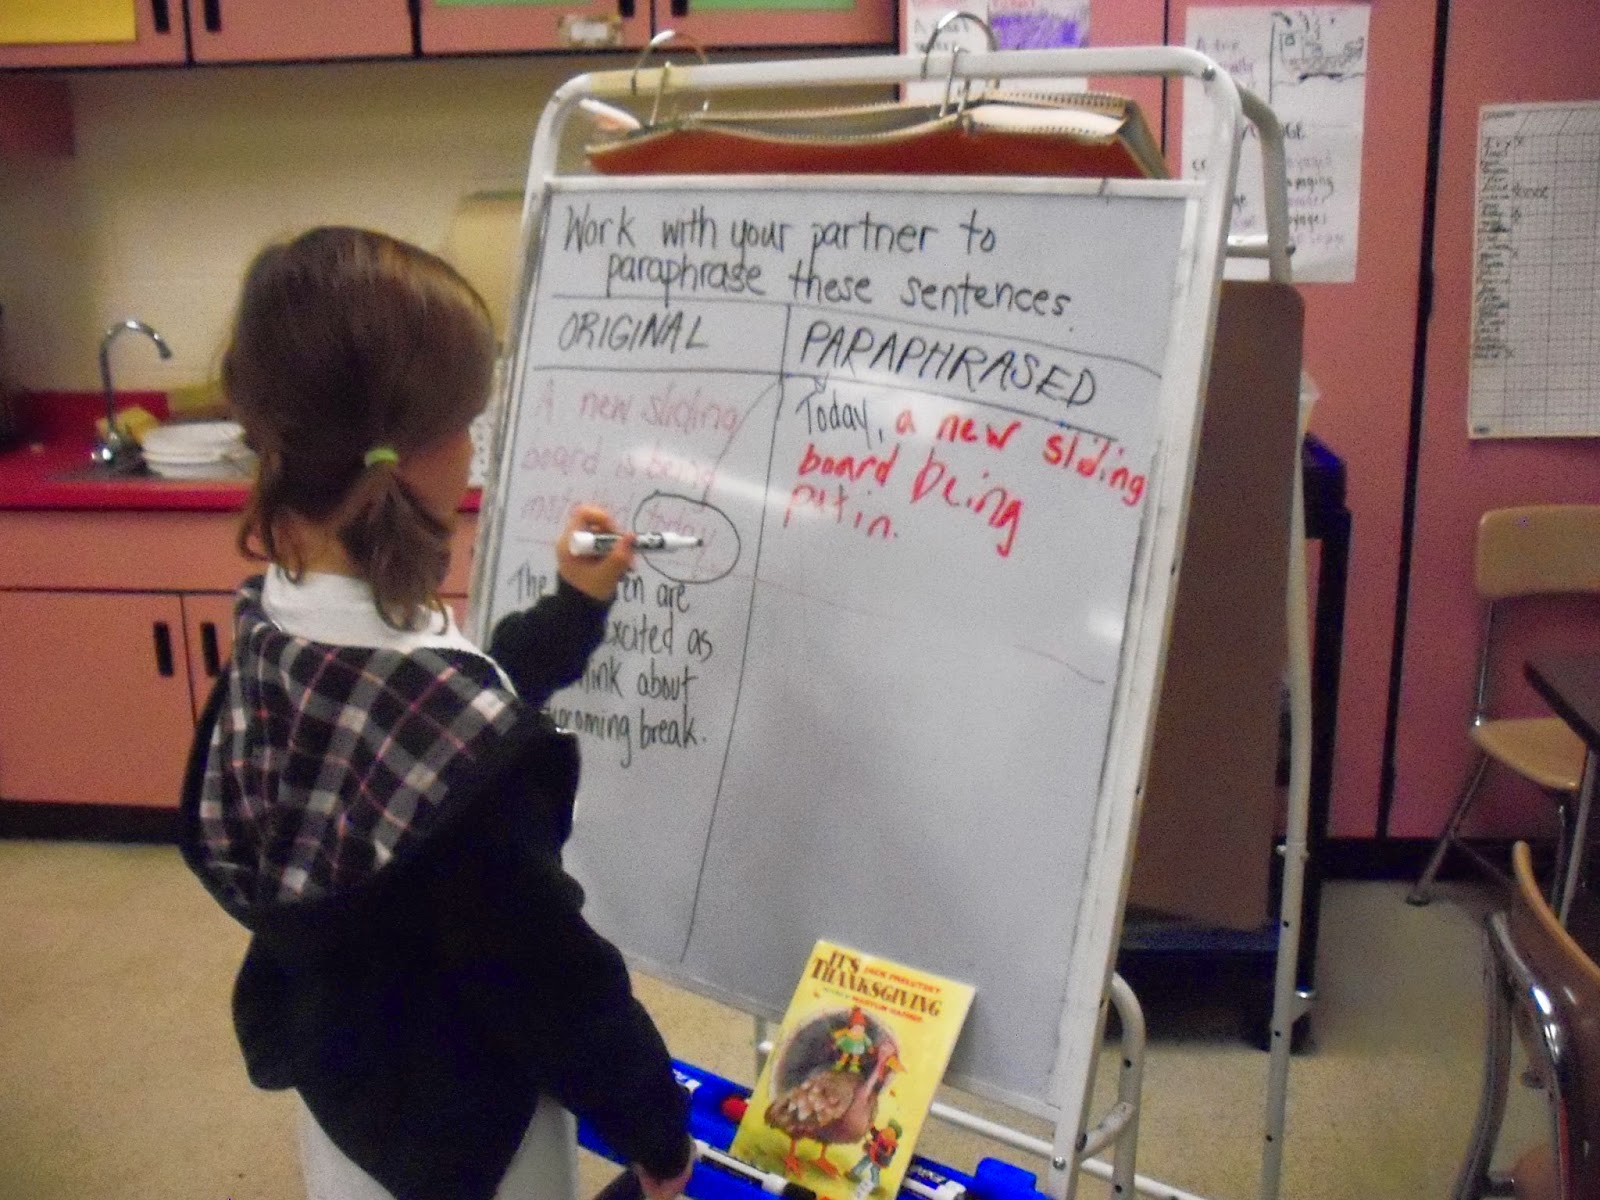 Teaching paraphrasing